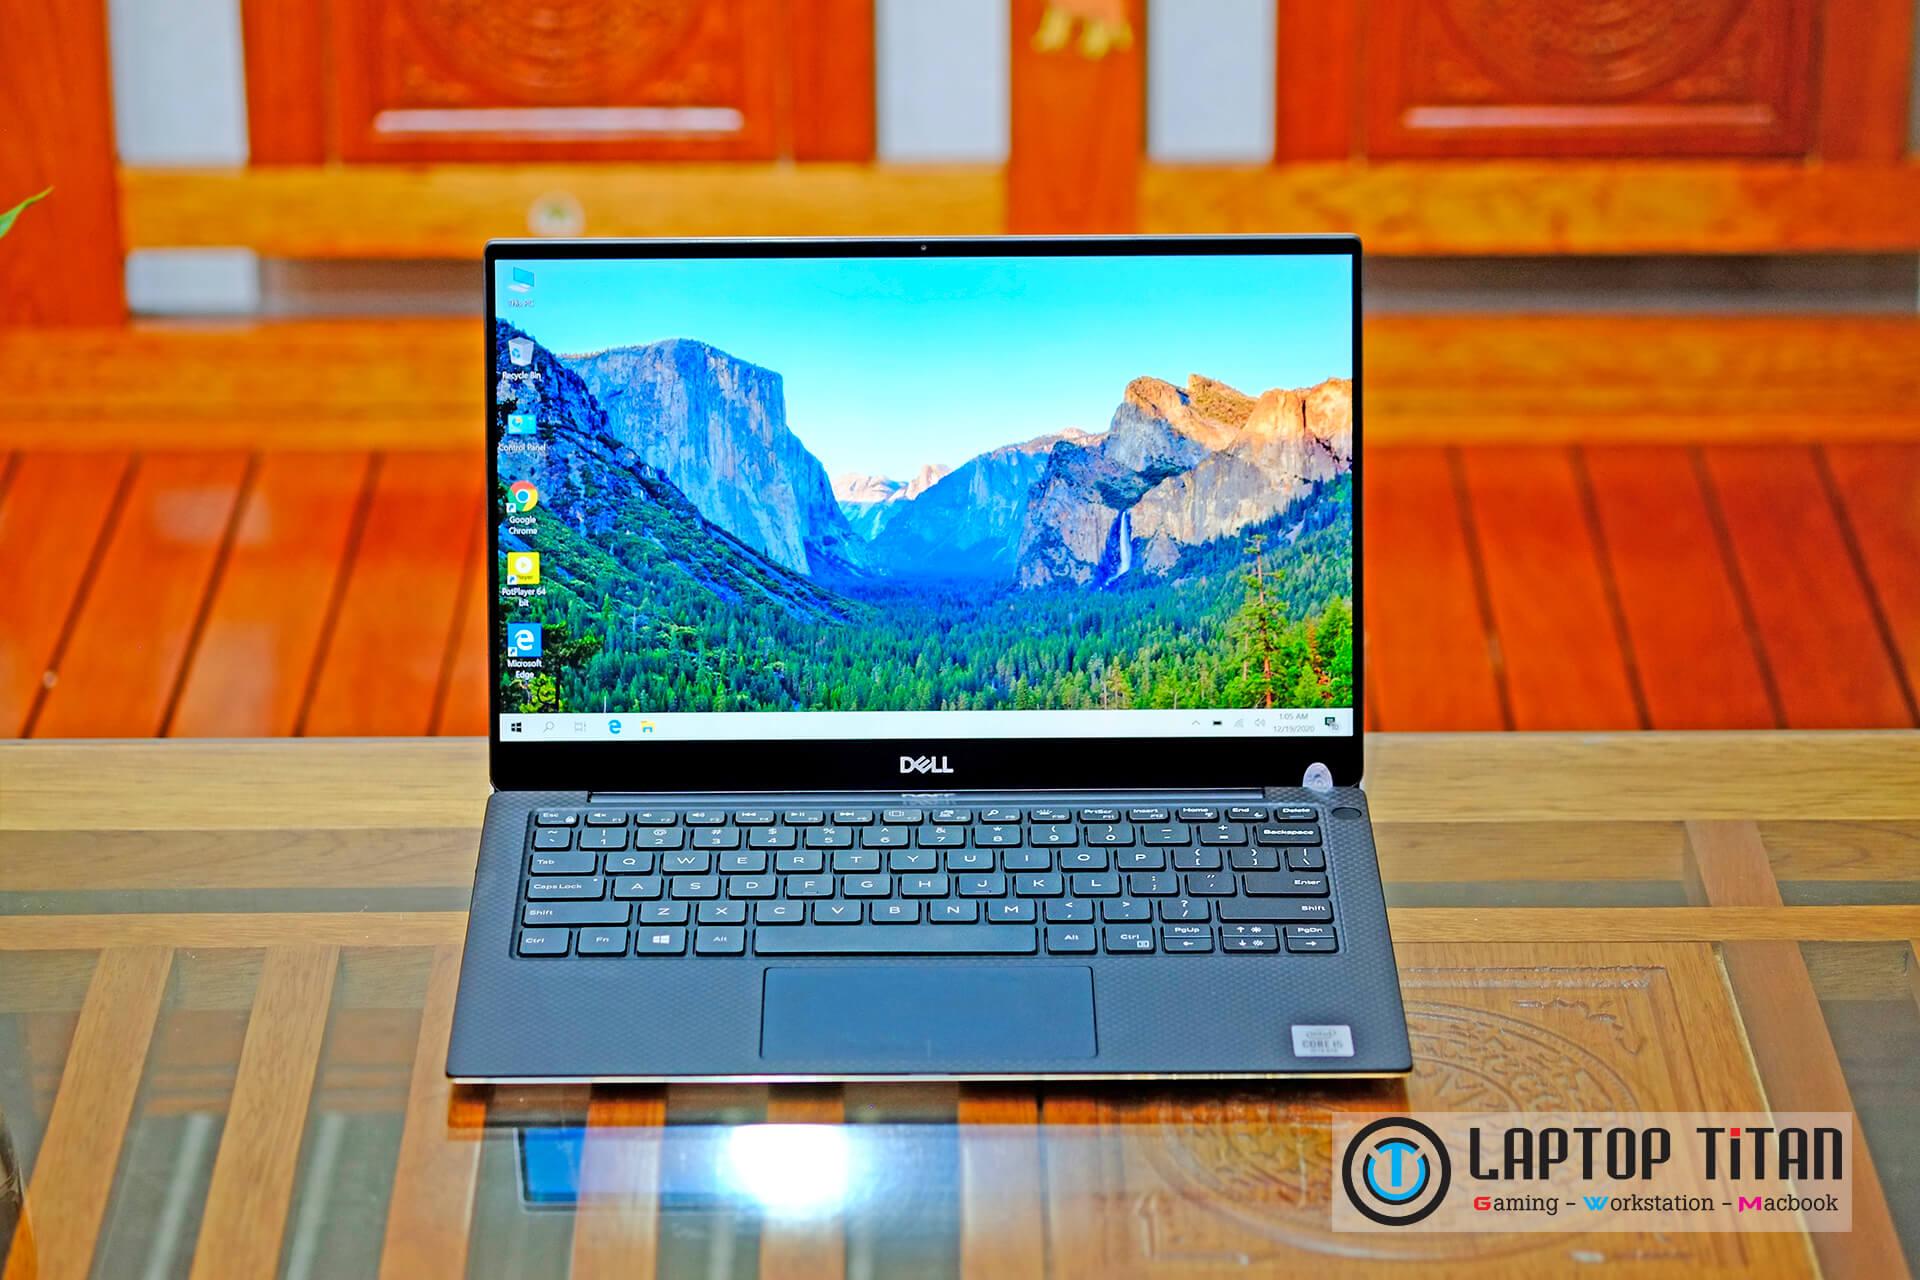 Dell Xps 13 7390 Laptoptitan 05